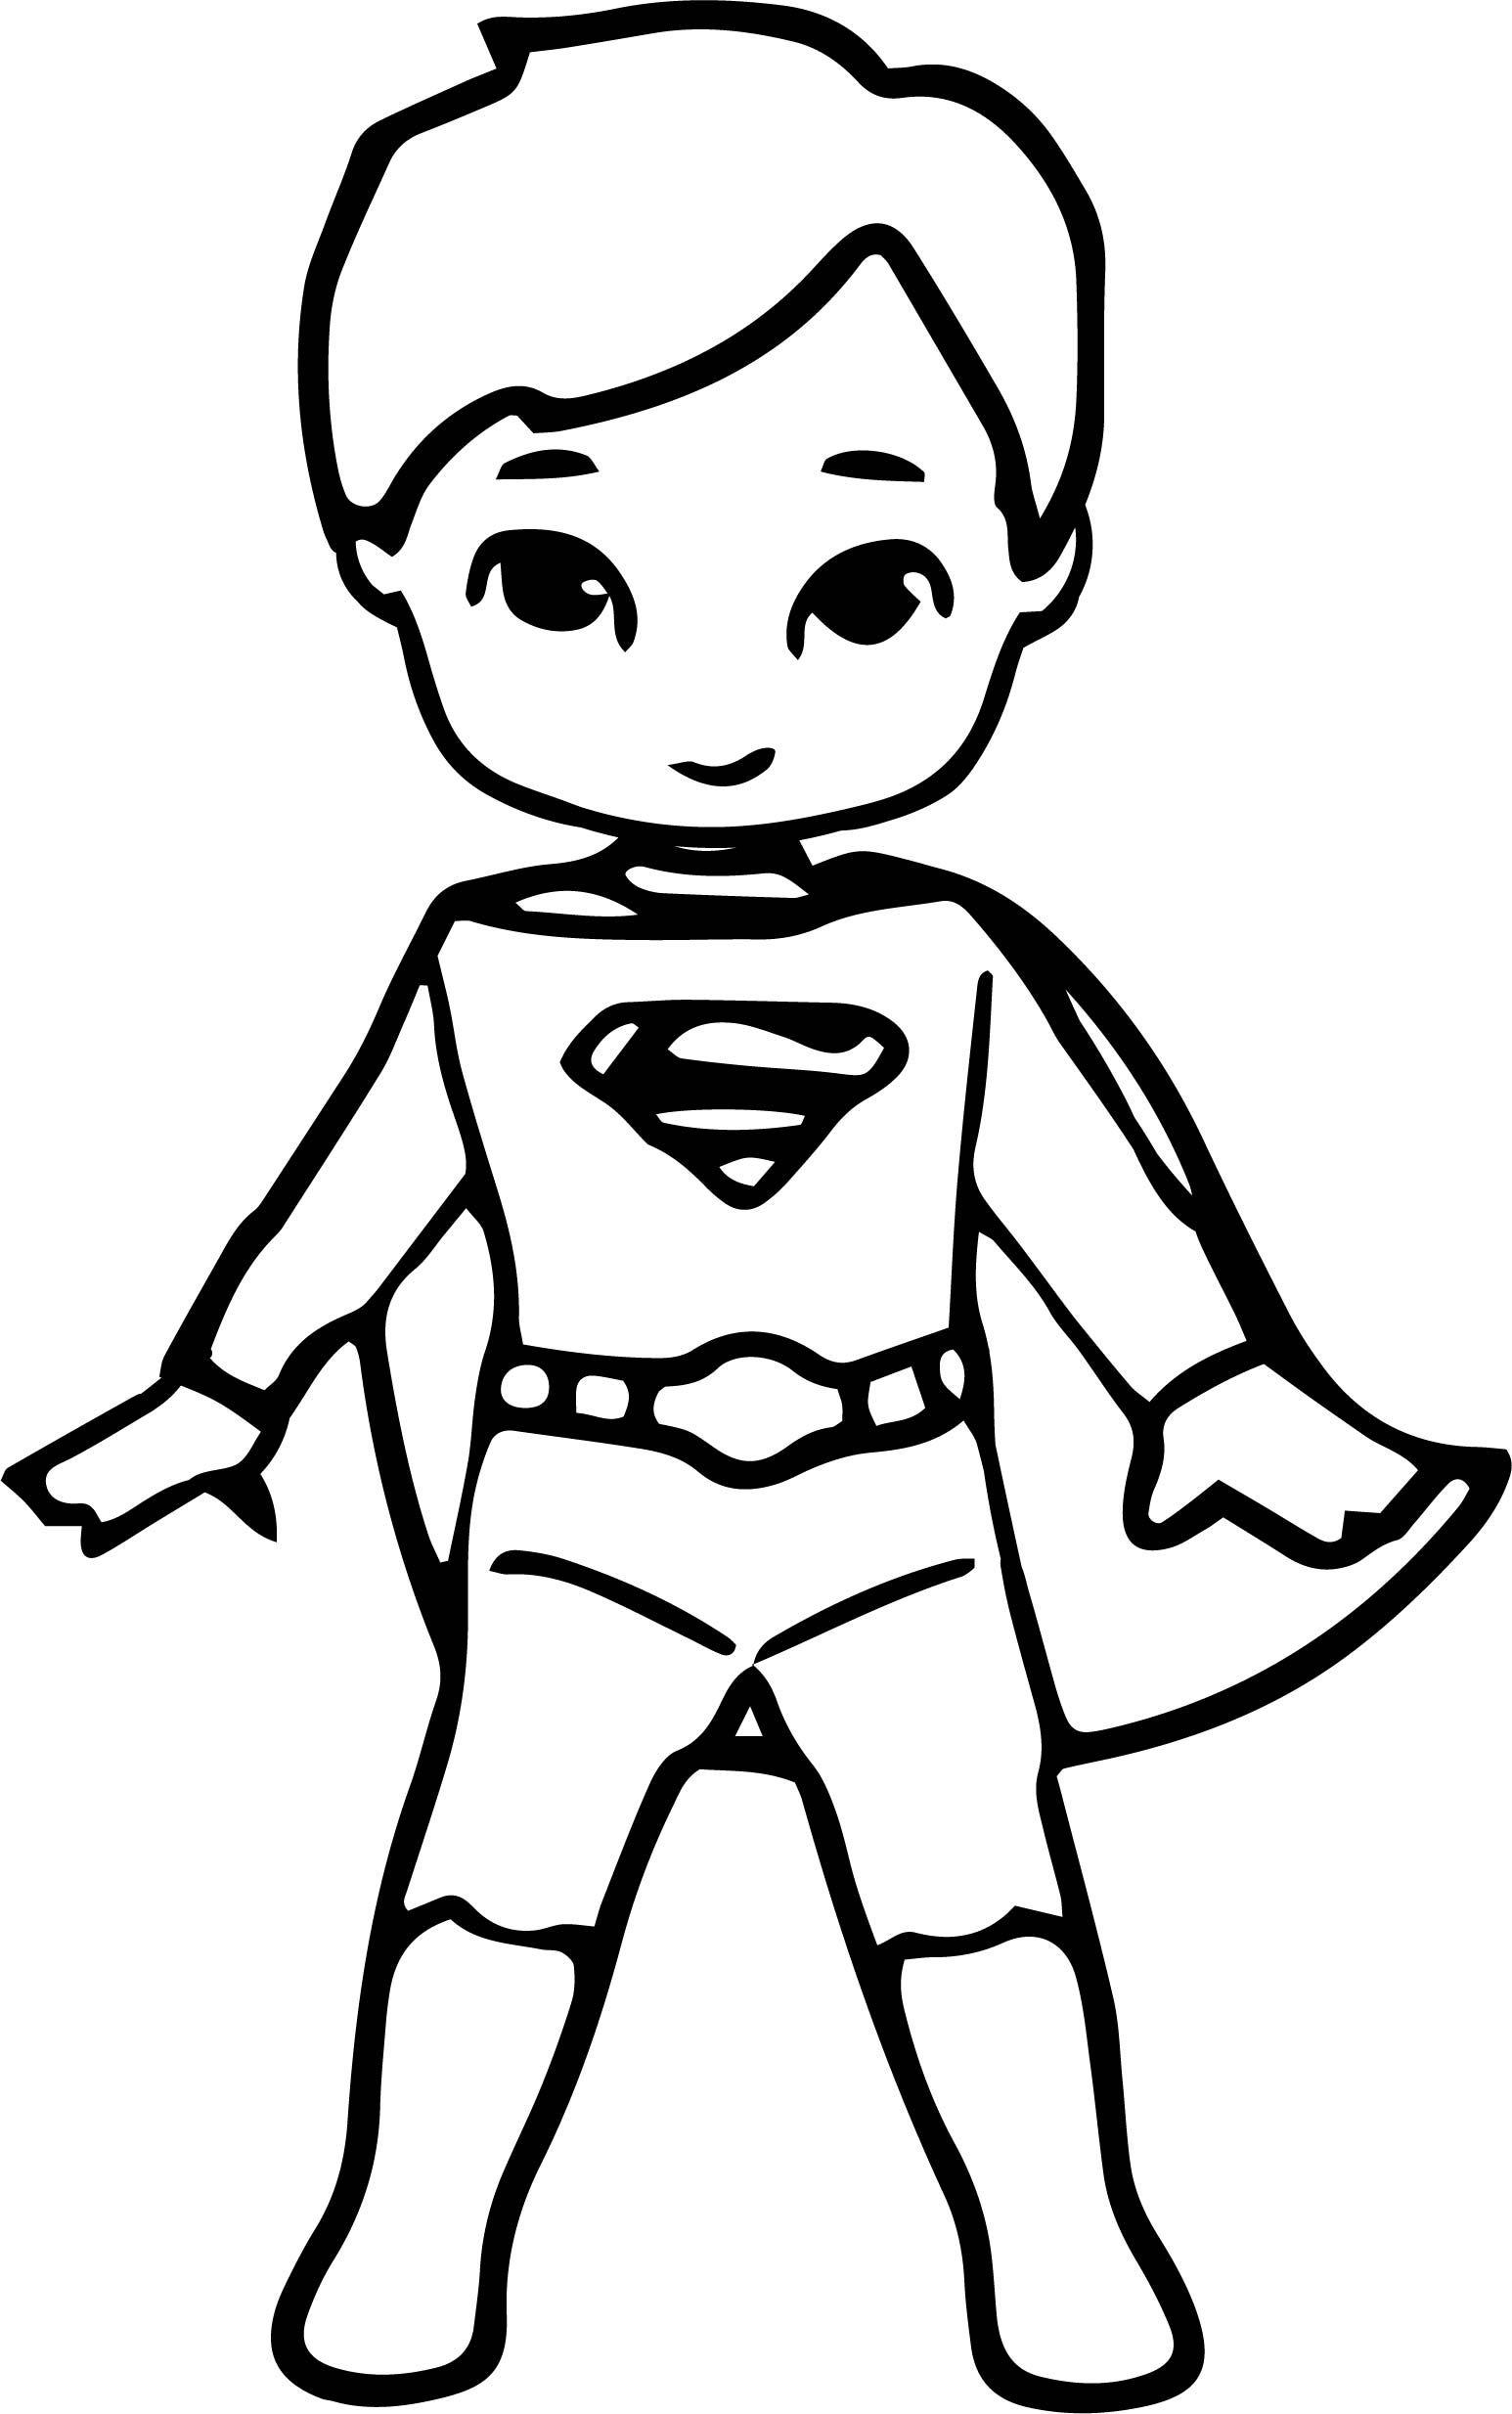 Coloring Rocks In 2020 Superhero Coloring Superhero Coloring Pages Superman Coloring Pages